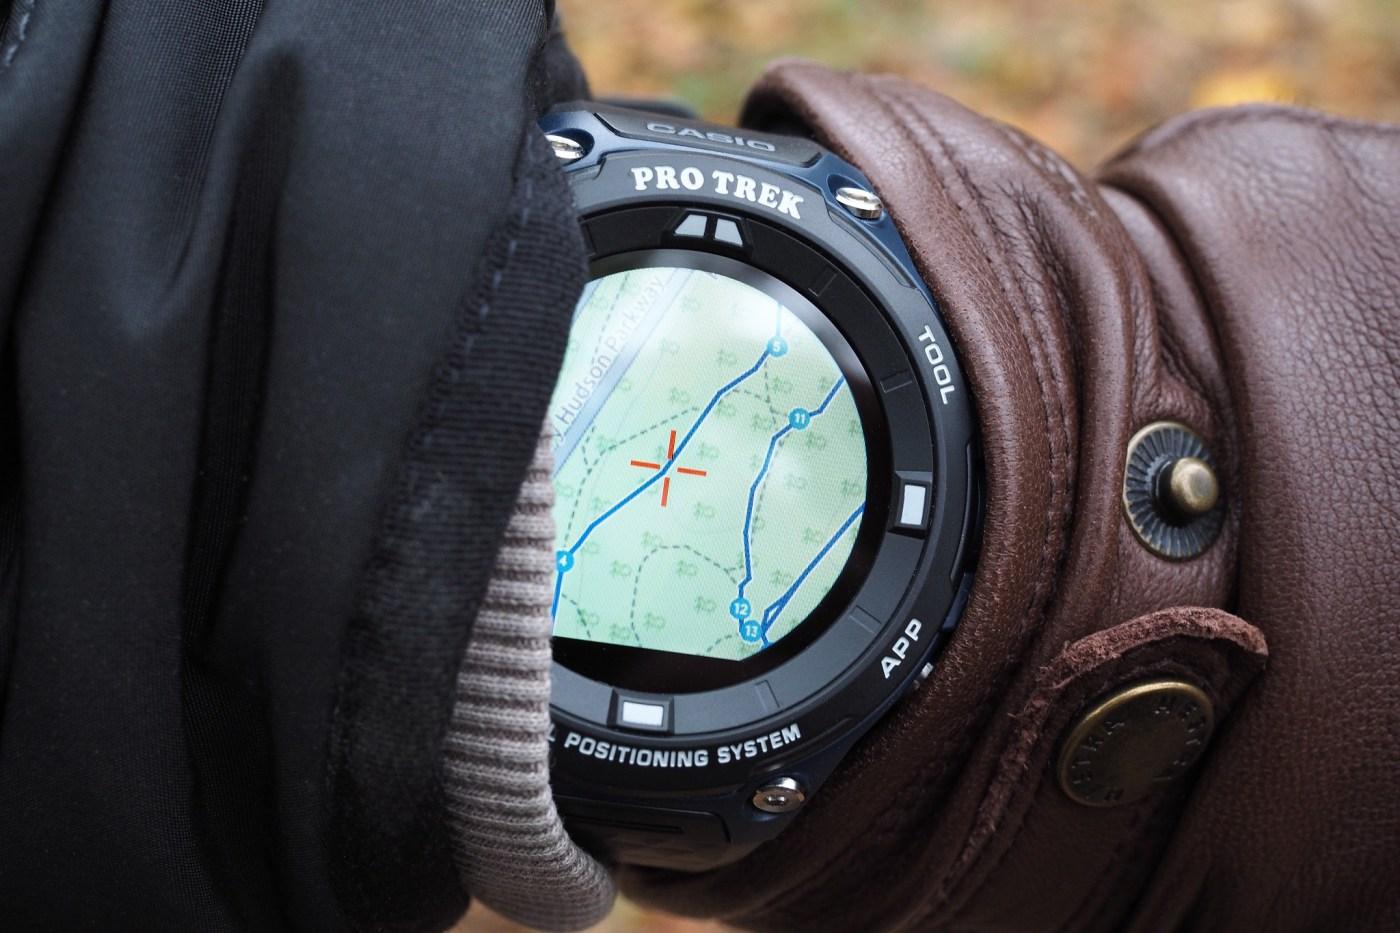 Casio Pro Trek Connected using GPS